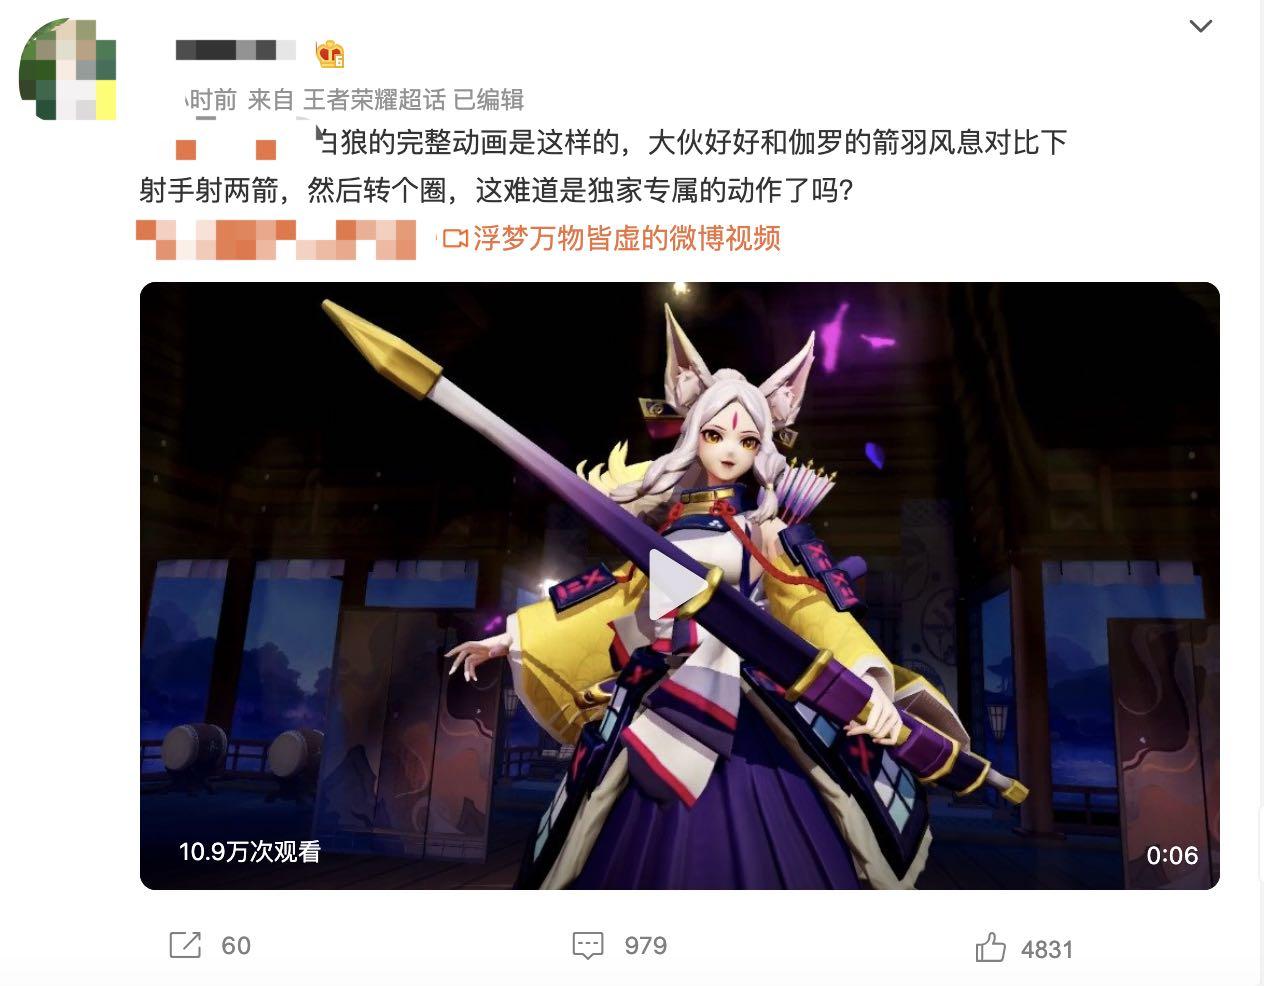 王者荣耀又被碰瓷,网友表示蹭热度营销不可取!